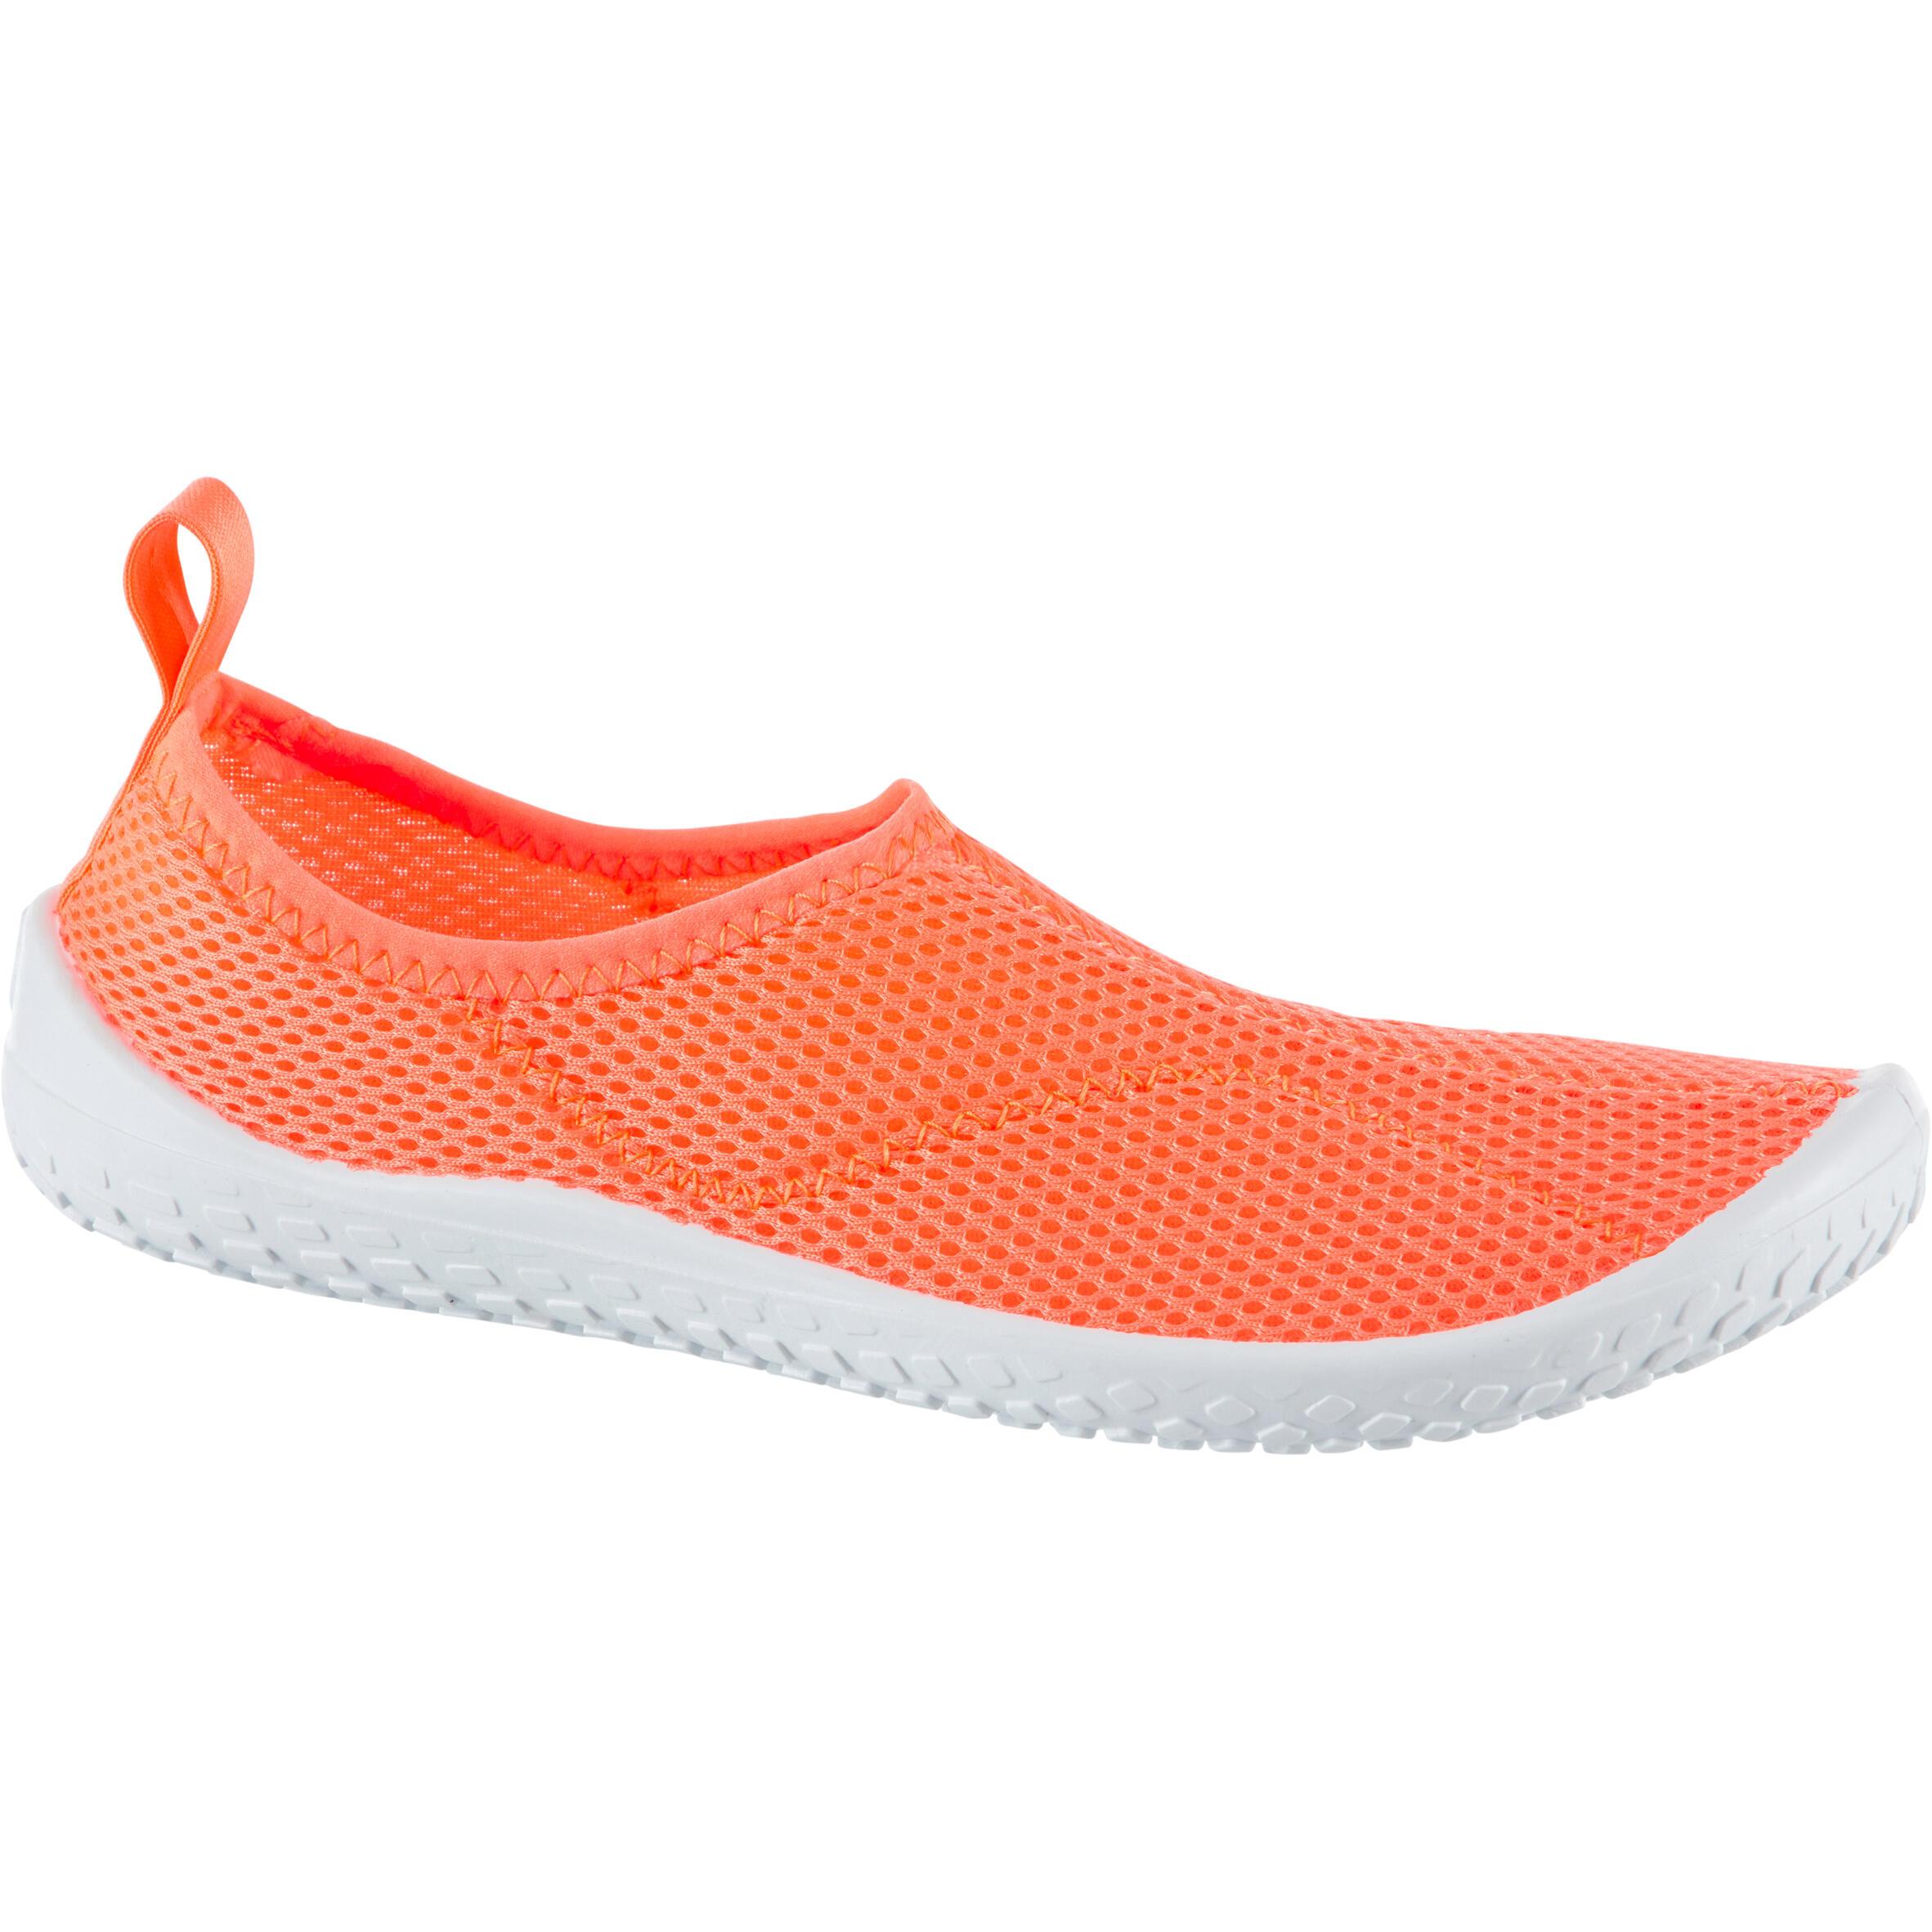 Chaussures aquatiques Aquashoes 100 enfant